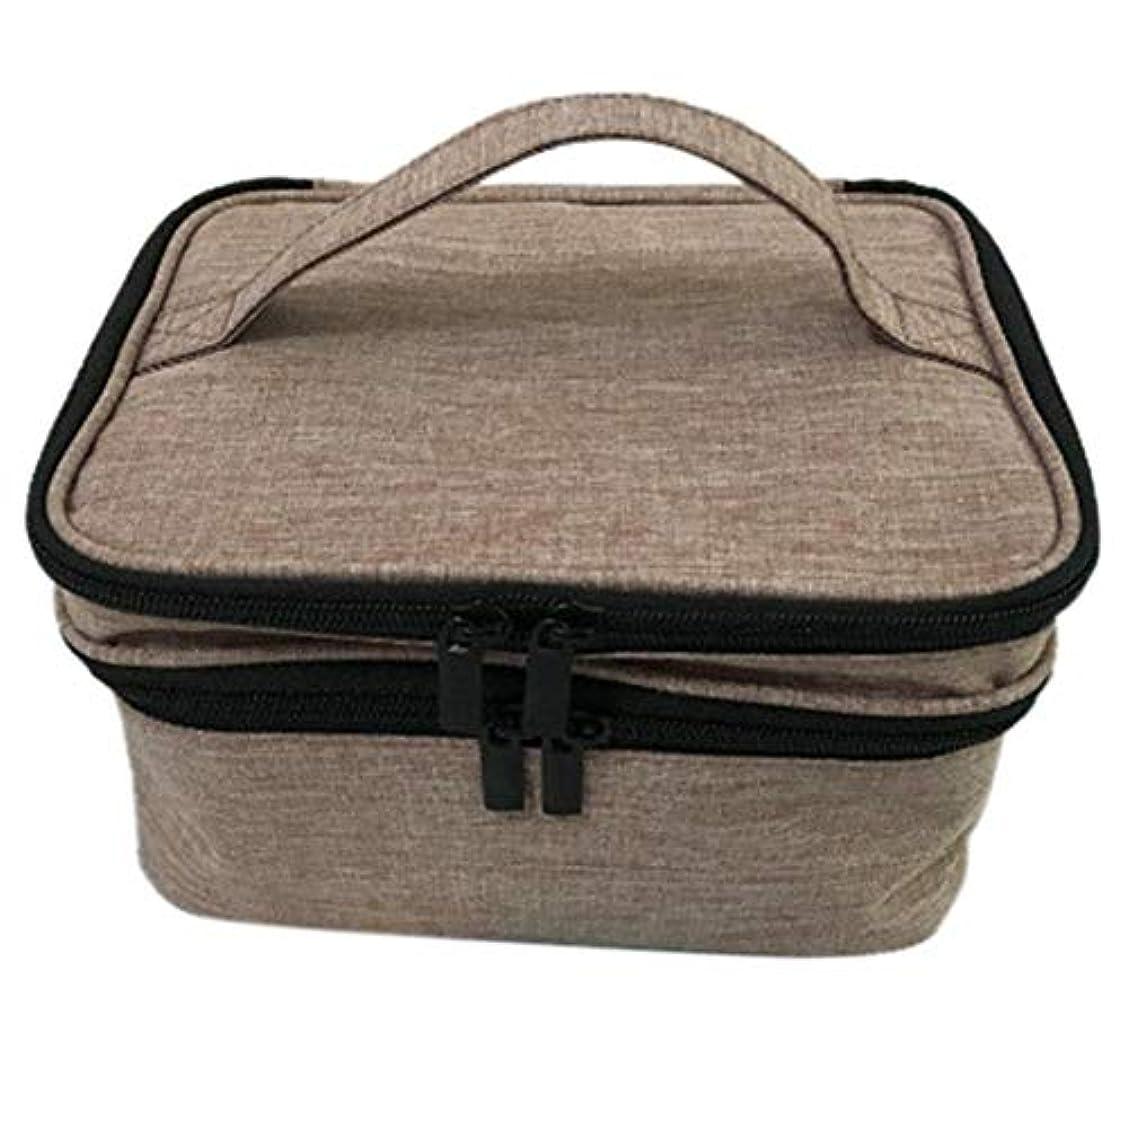 機密忠誠有利収納バッグ 30格 仕切り エッセンシャルオイル 精油 保管袋 収納ボックス 収納ケース 精油ケース 香水収納バッグ 不織布 携帯便利 耐震 30本用 (5ml~30ml)